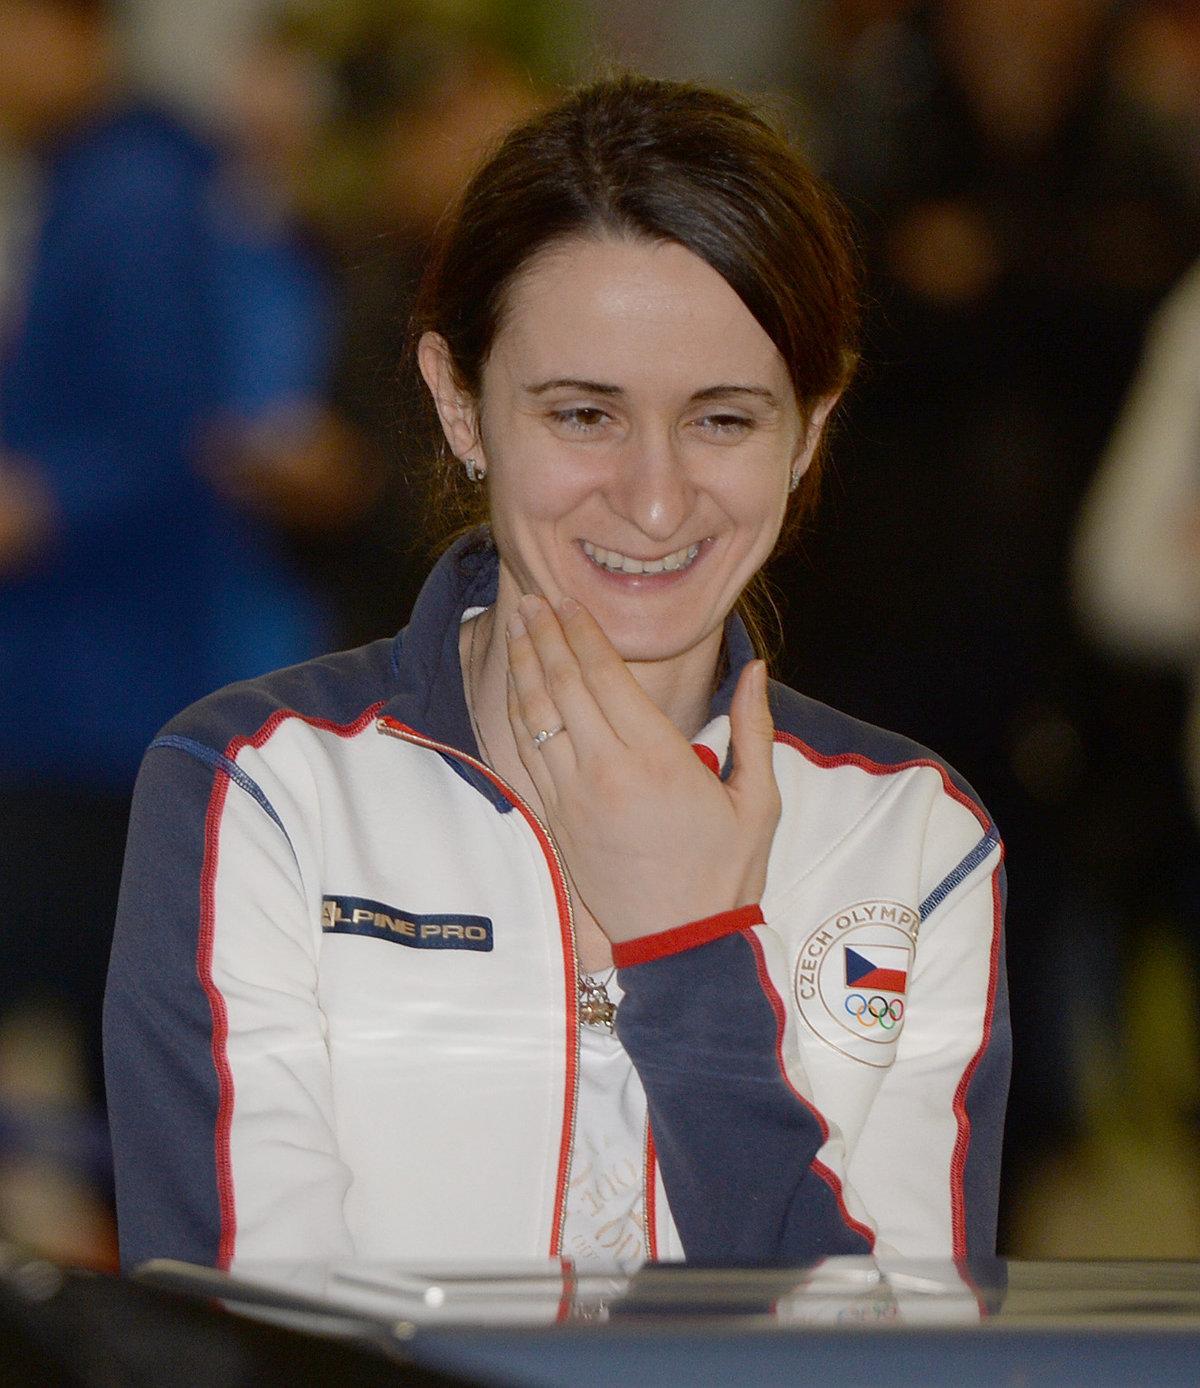 Usměvavá Martina Sáblíková na letišti, odkud vyrazila směrem Pchjongčchang